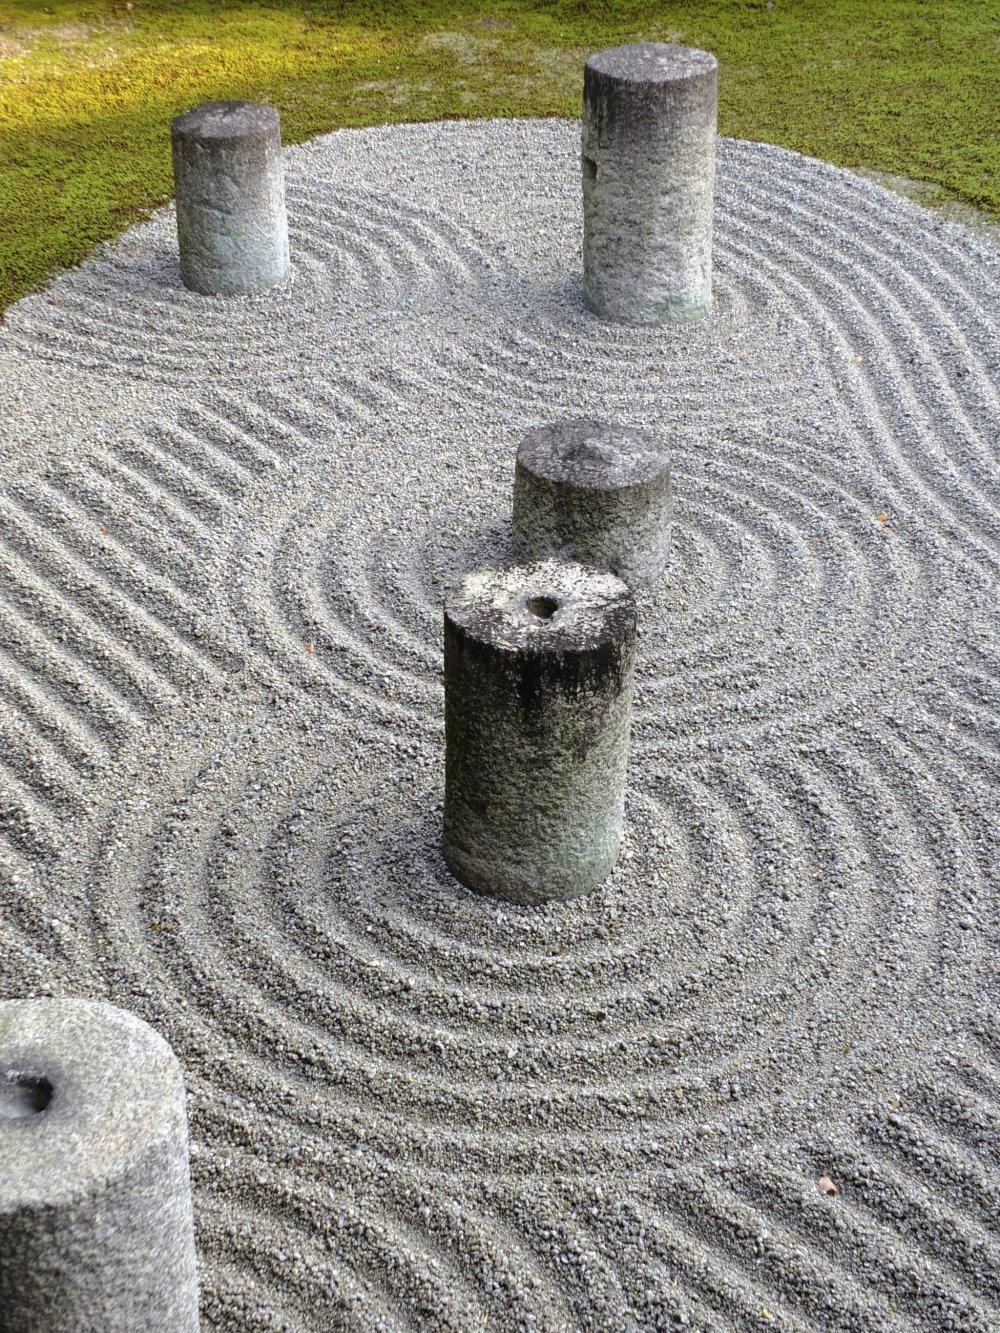 그 정원에는 전통과 현대적 디자인의 손길이 있다